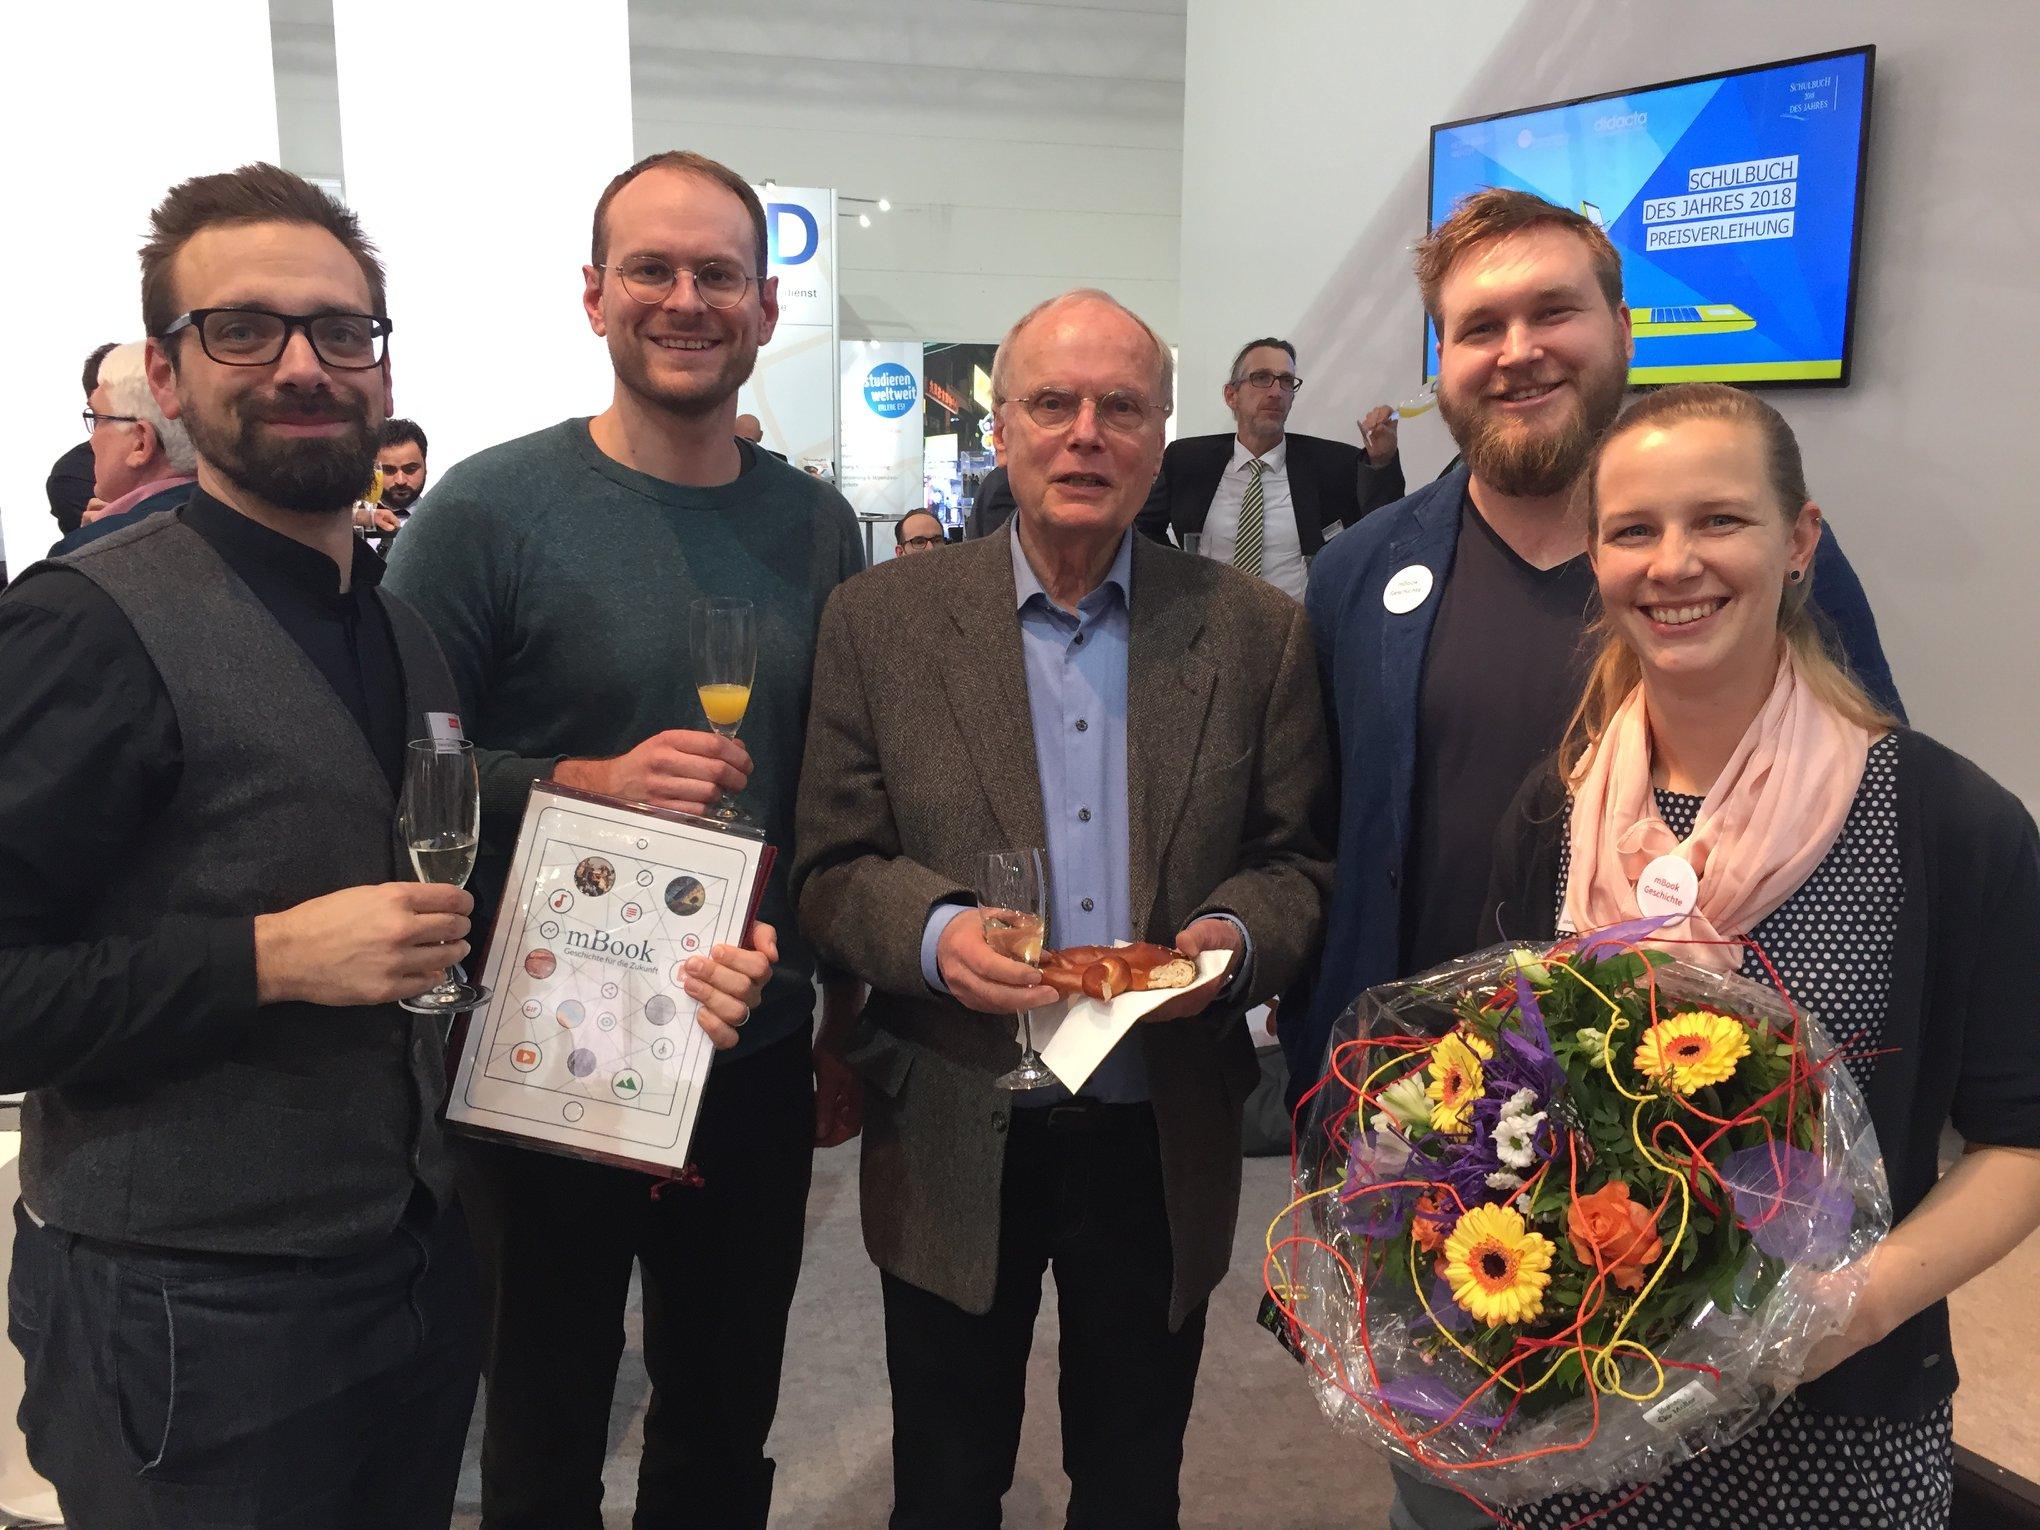 Das Team des Institut für digitales Lernen nimmt den Schulbuchpreis entgegen